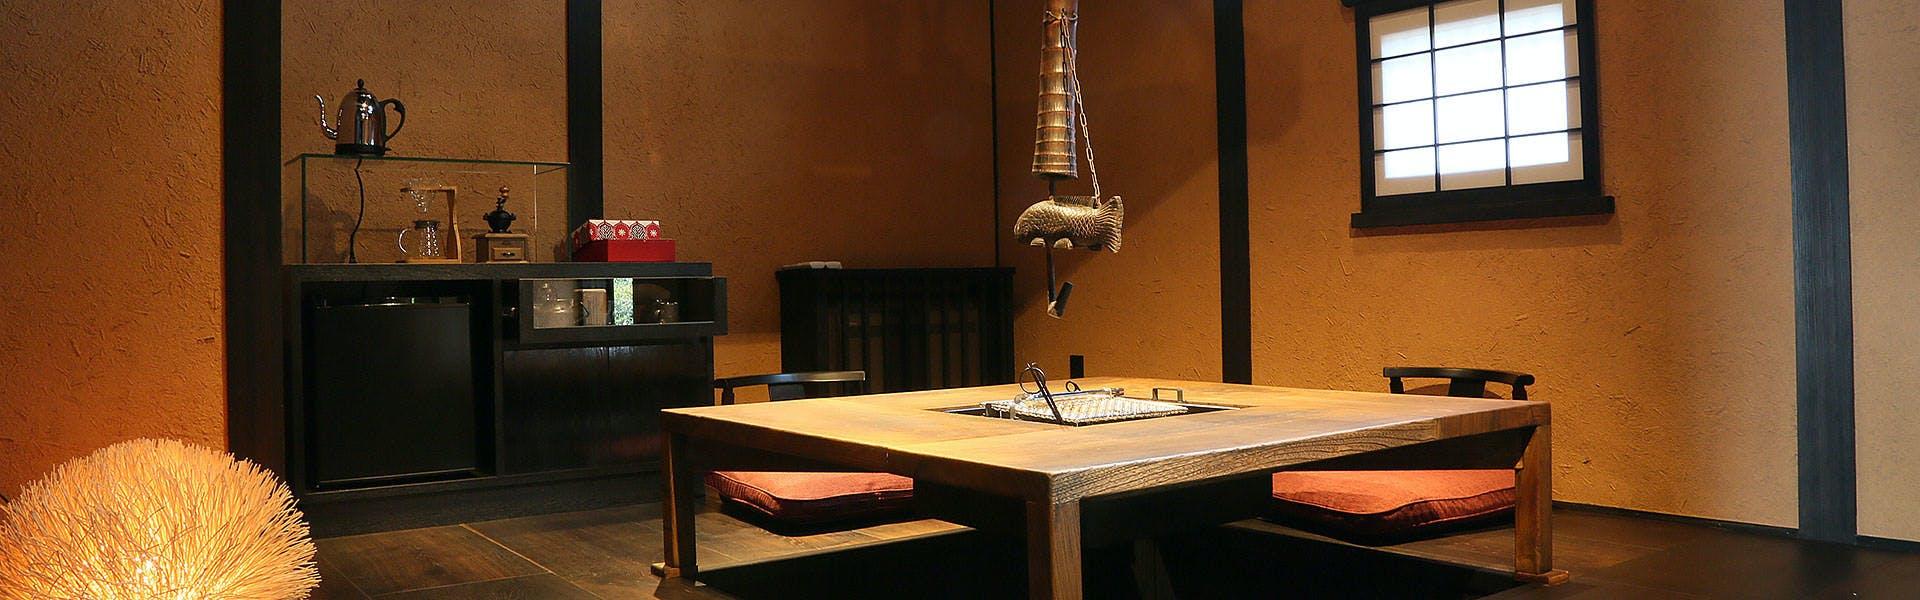 記念日におすすめのホテル・黒川温泉御処 月洸樹の写真3